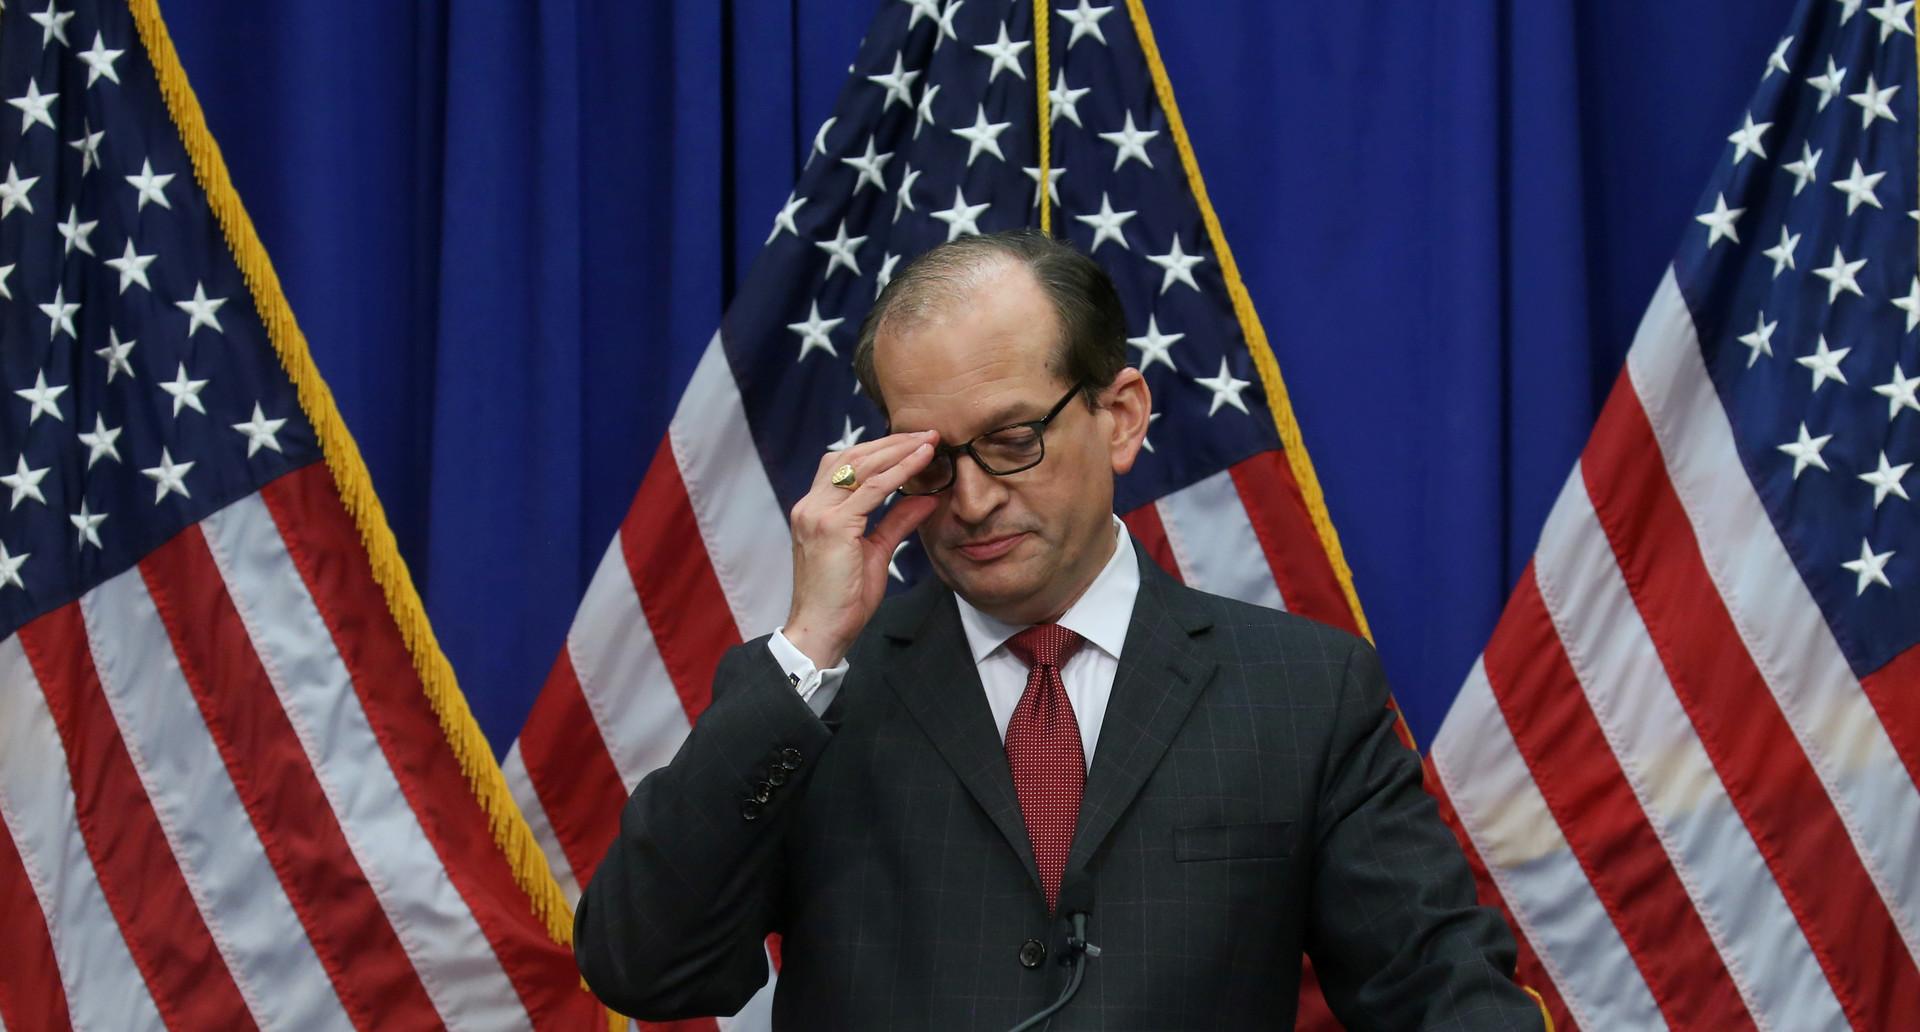 استقالة وزير العمل الأمريكي بسبب فضيحة ملياردير متهم بمخالفات جنسية بحق القصر